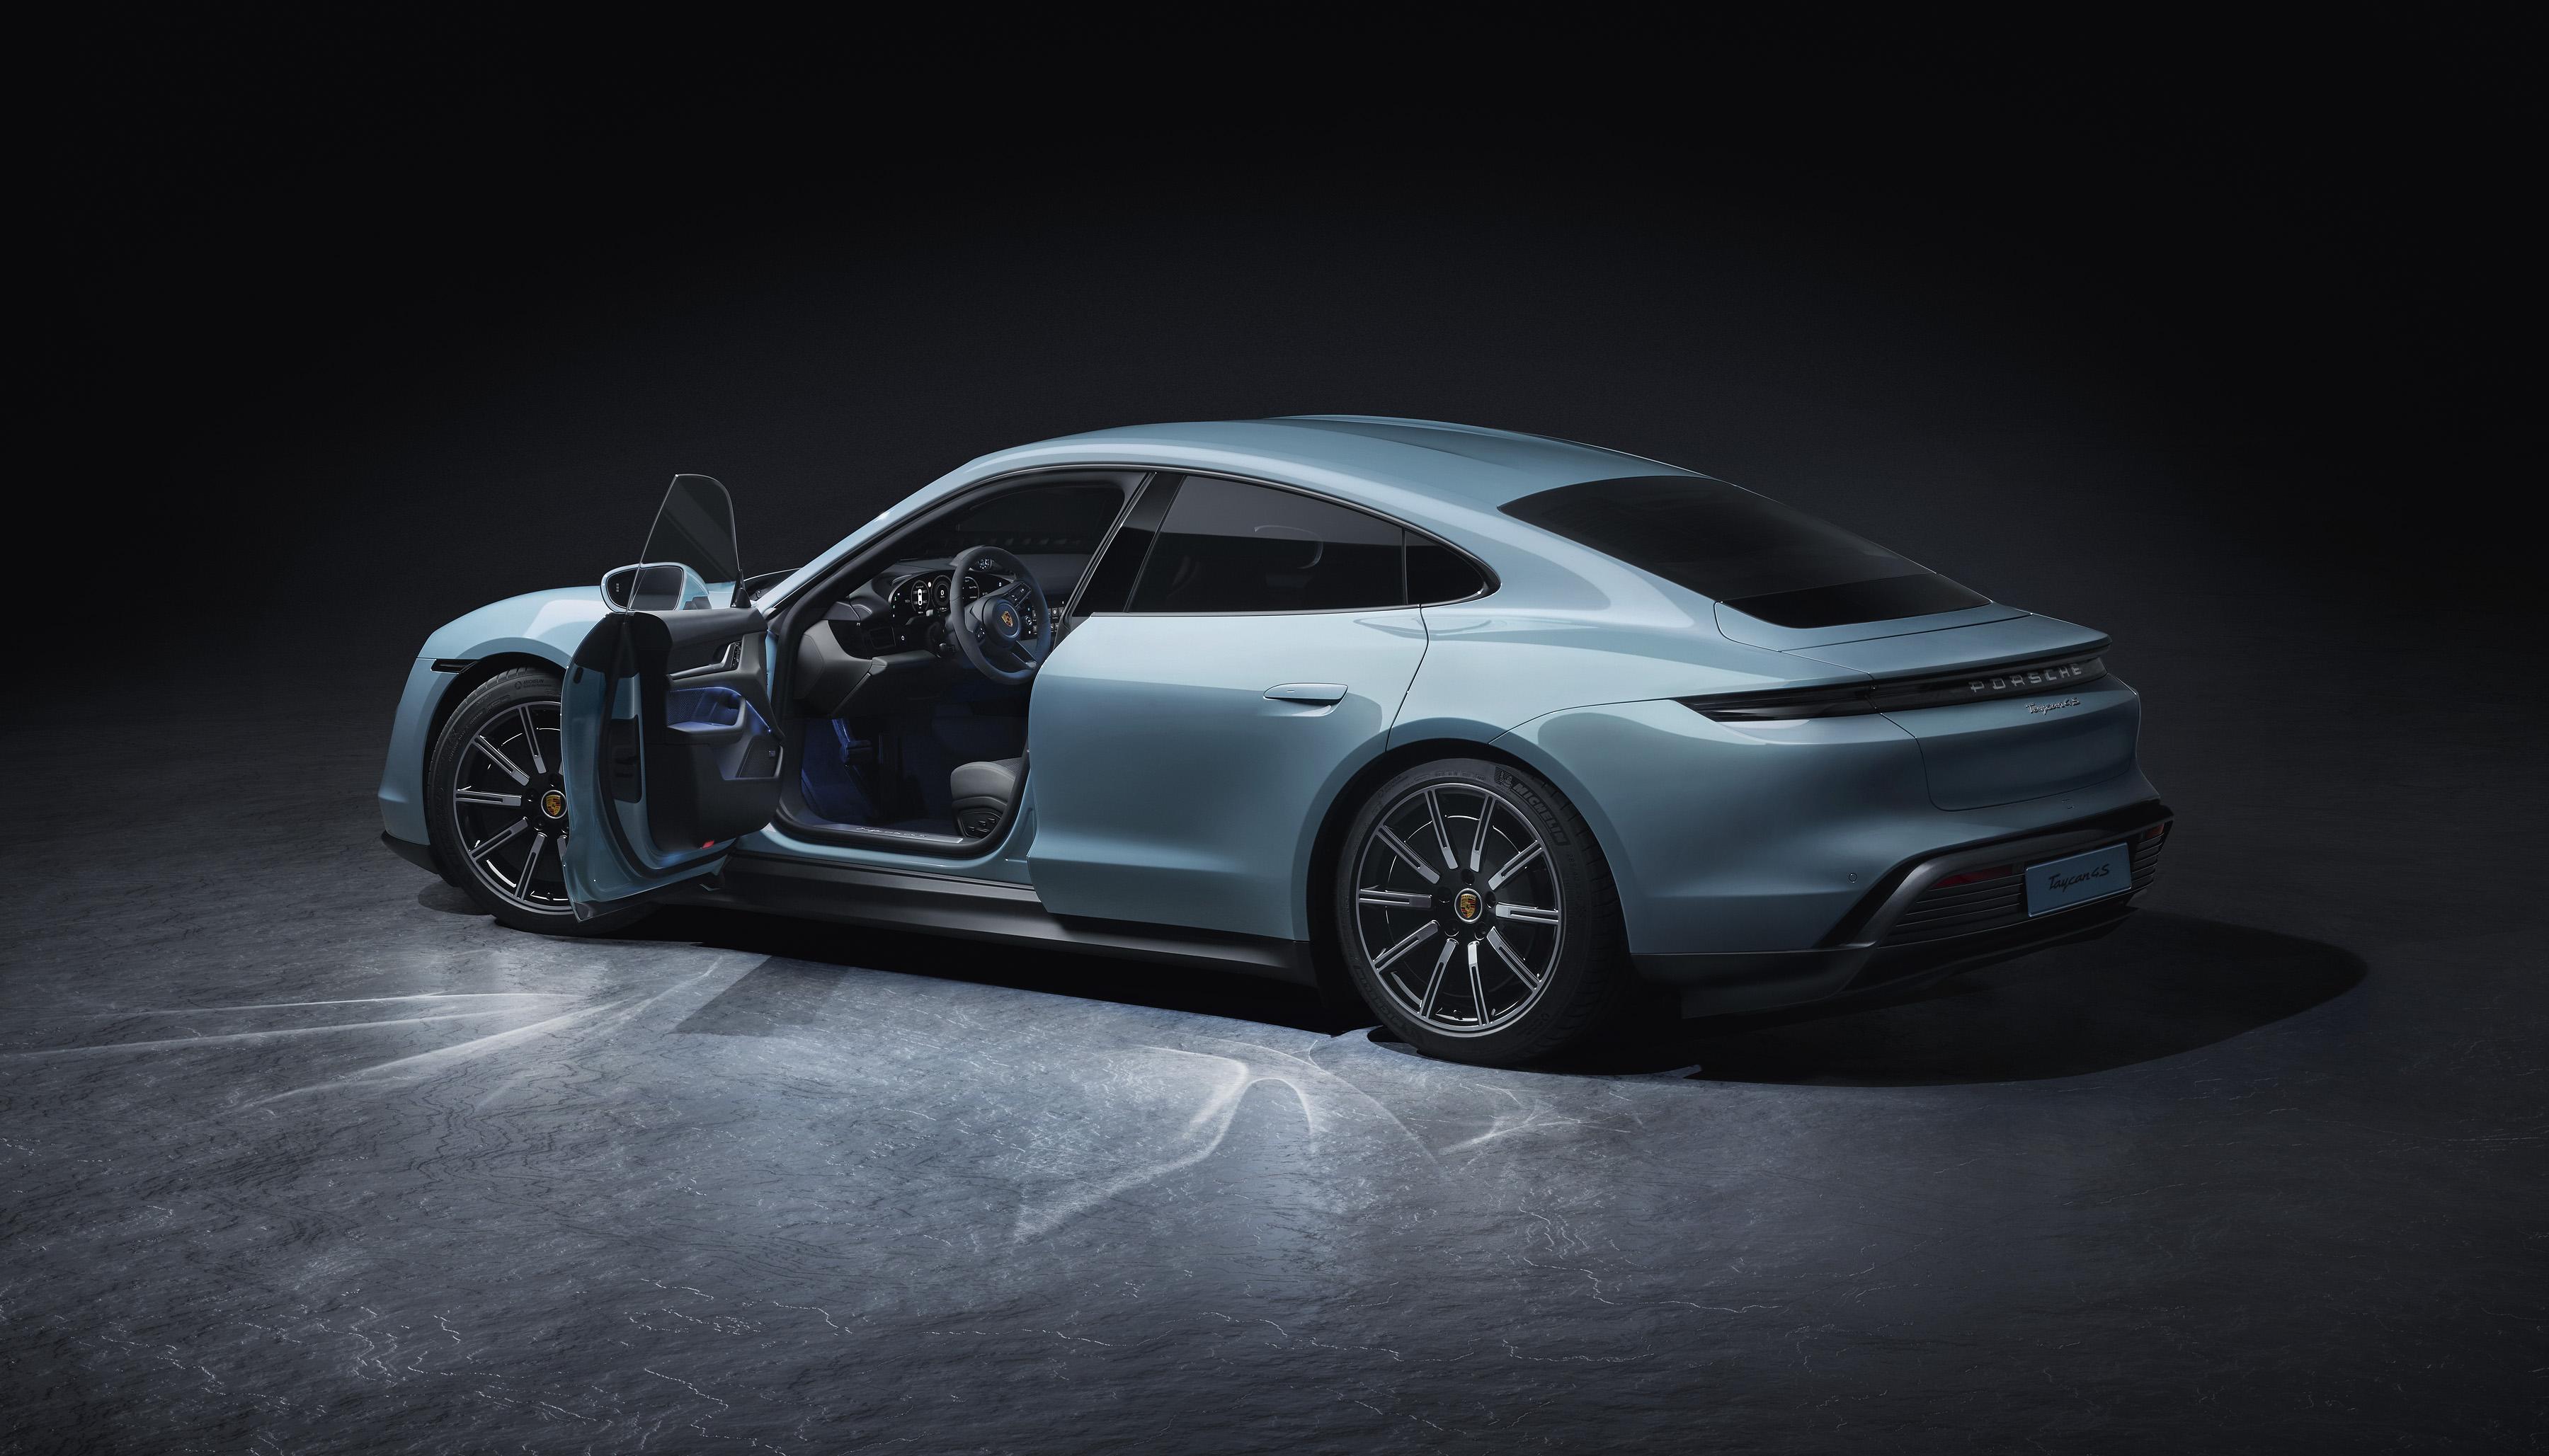 Η νέα ηλεκτροκίνητη Porsche Taycan 4S βάζει «φωτιά» στην άσφαλτο